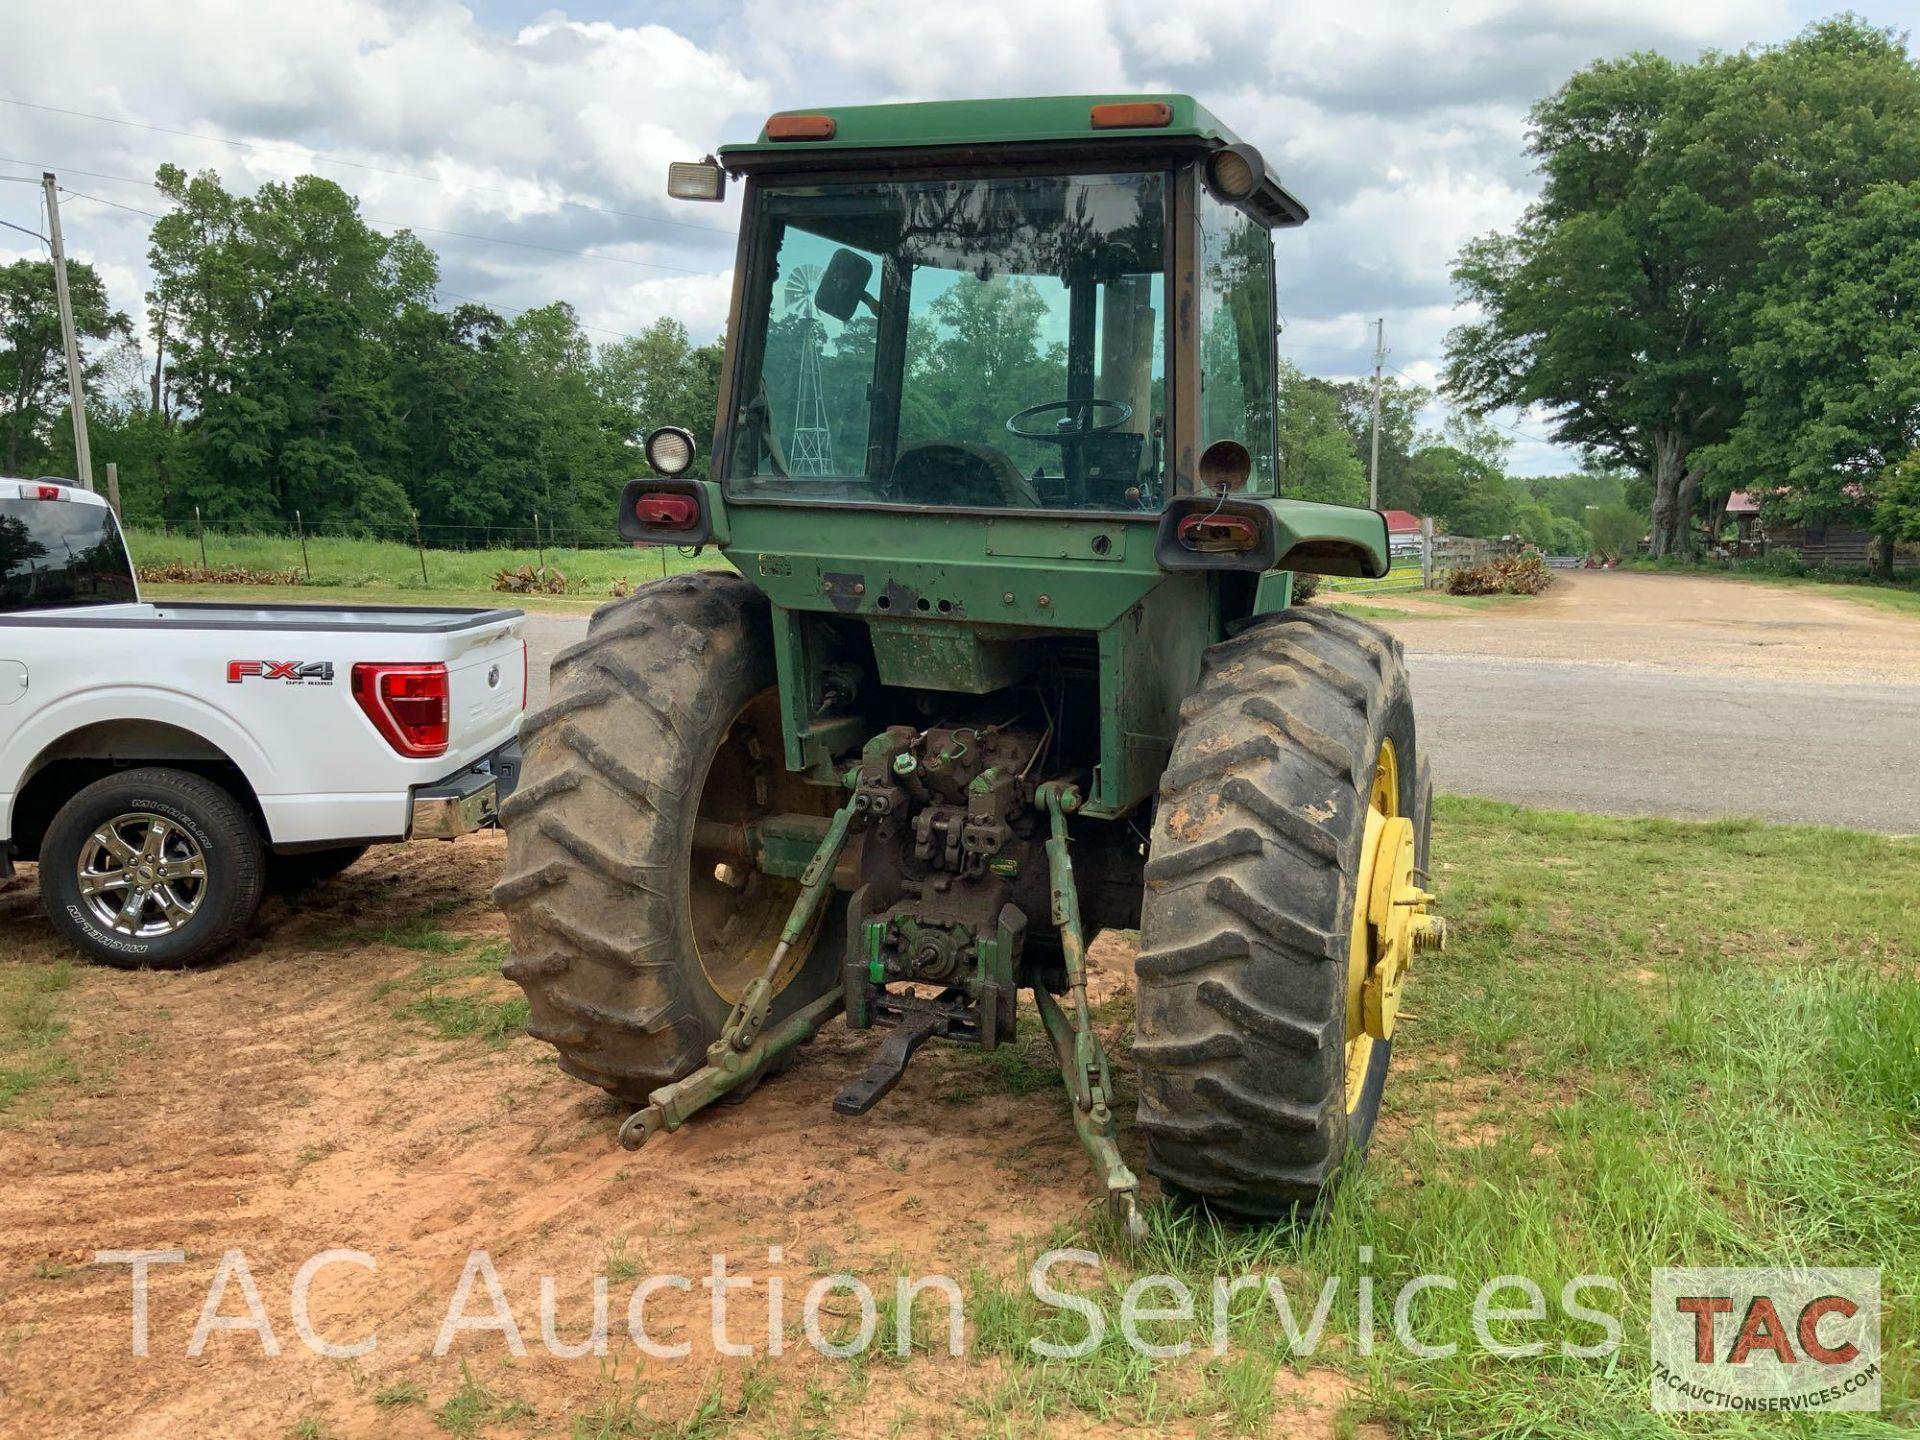 John Deere 4440 Tractor - Image 7 of 31